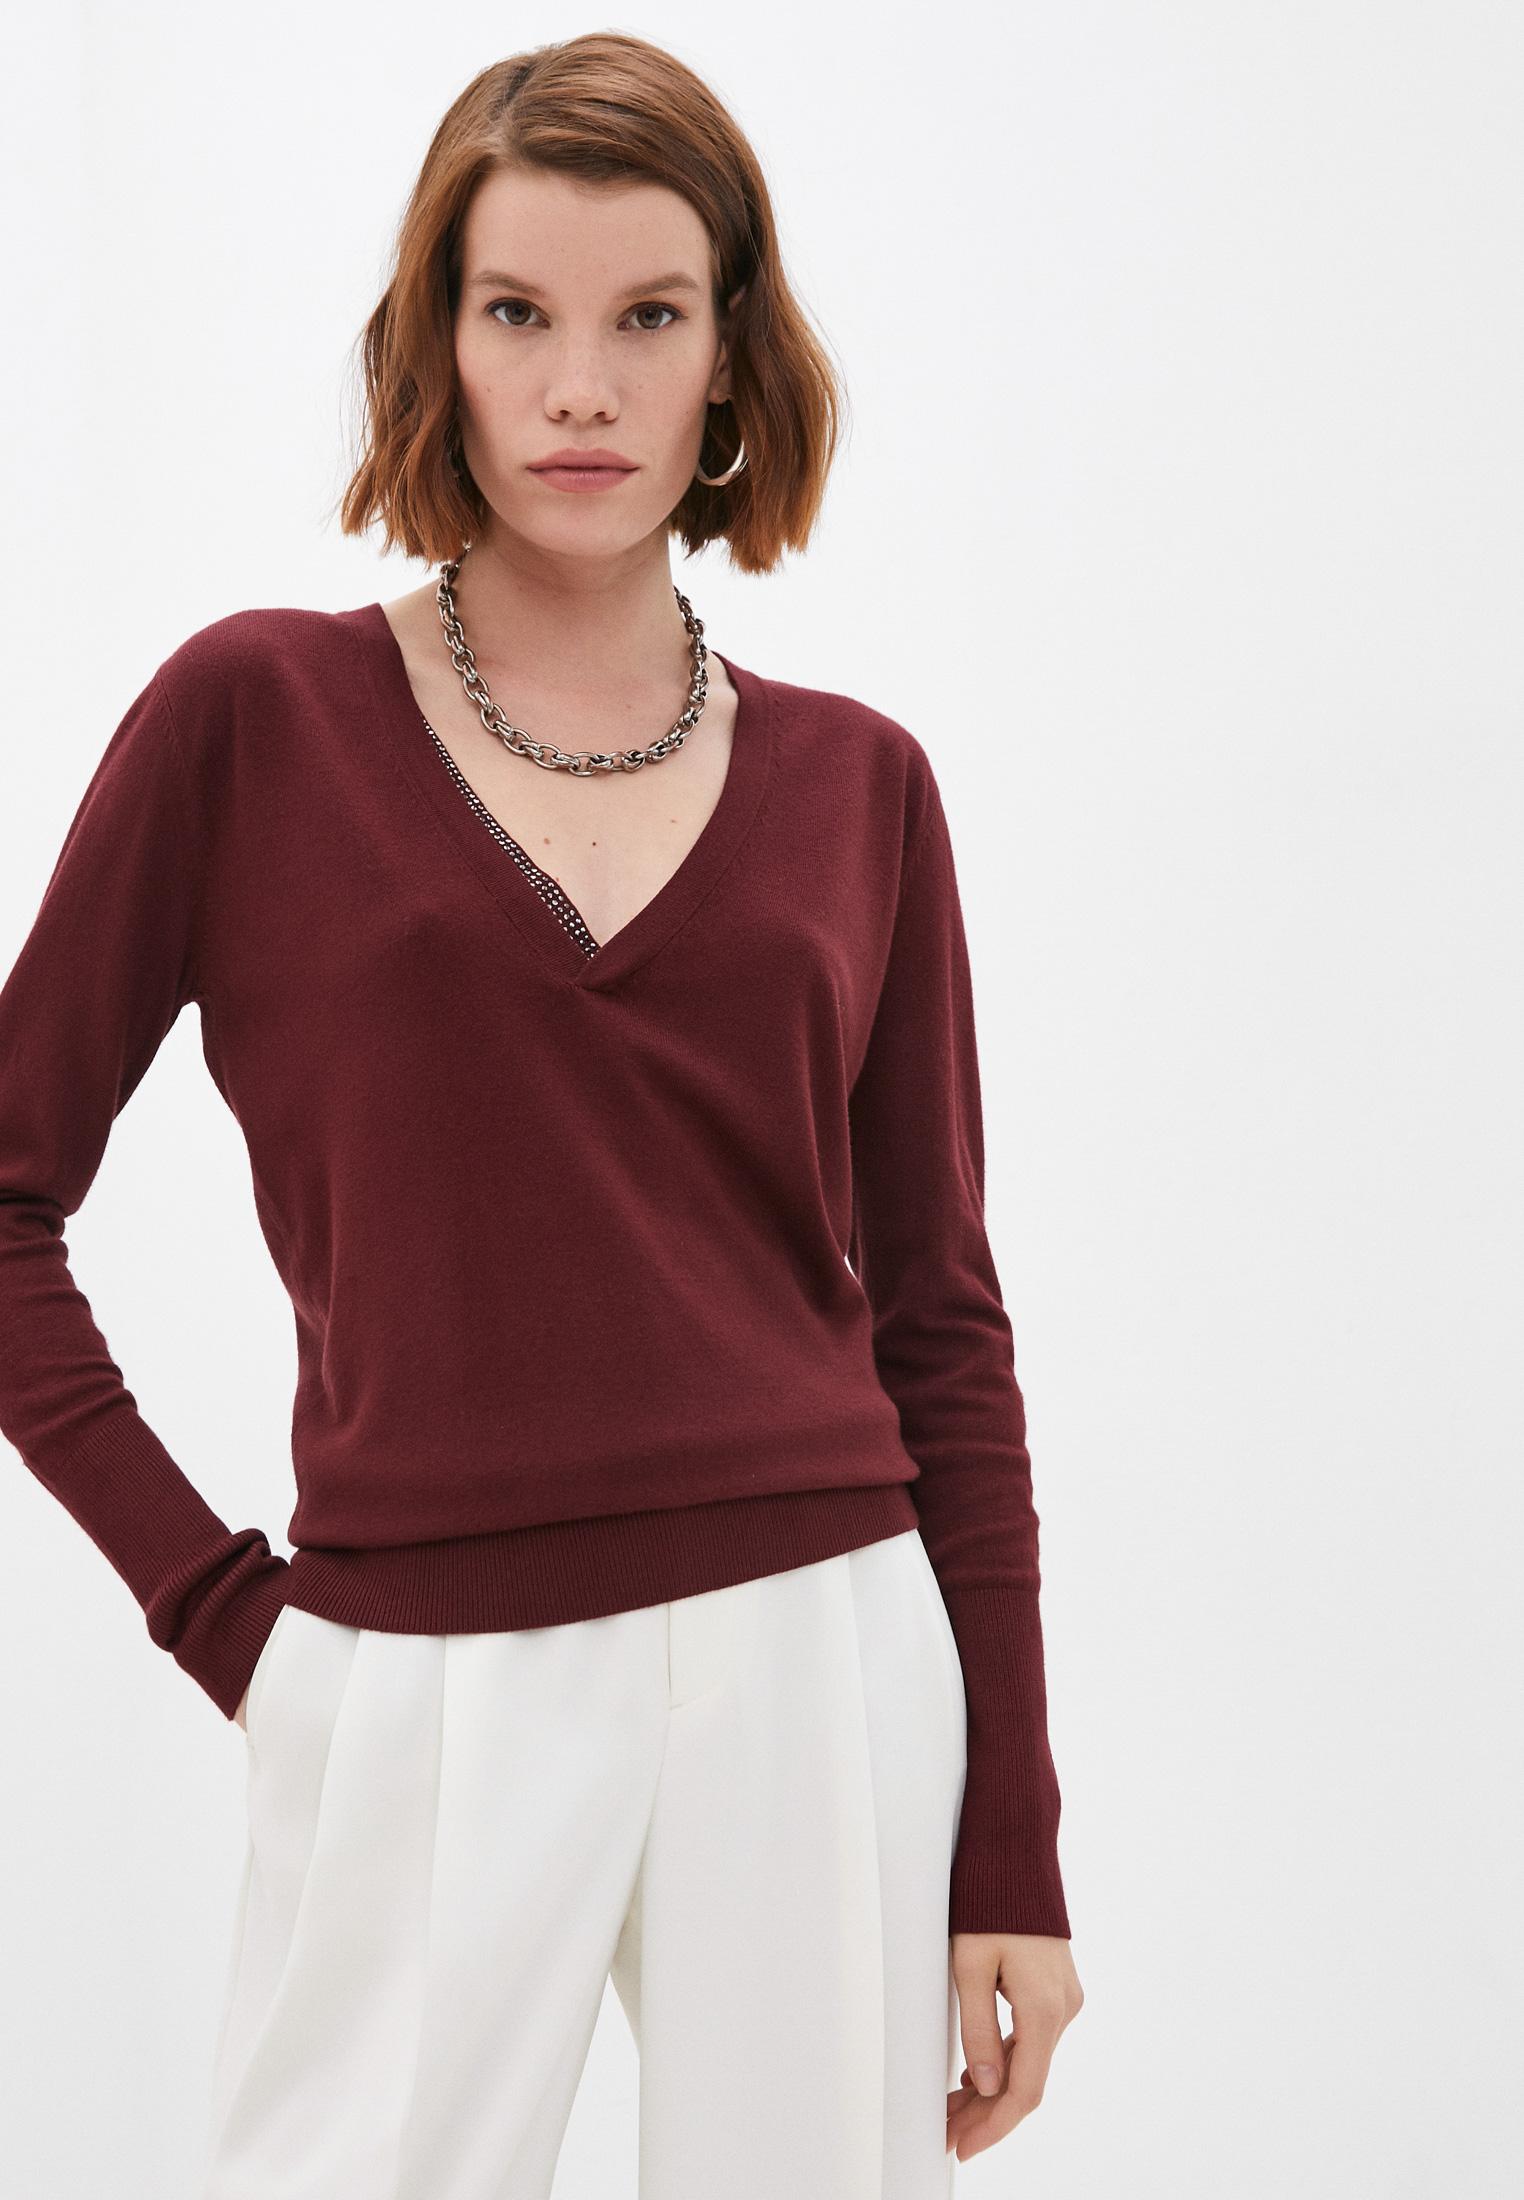 Пуловер Liu Jo (Лиу Джо) Пуловер Liu Jo